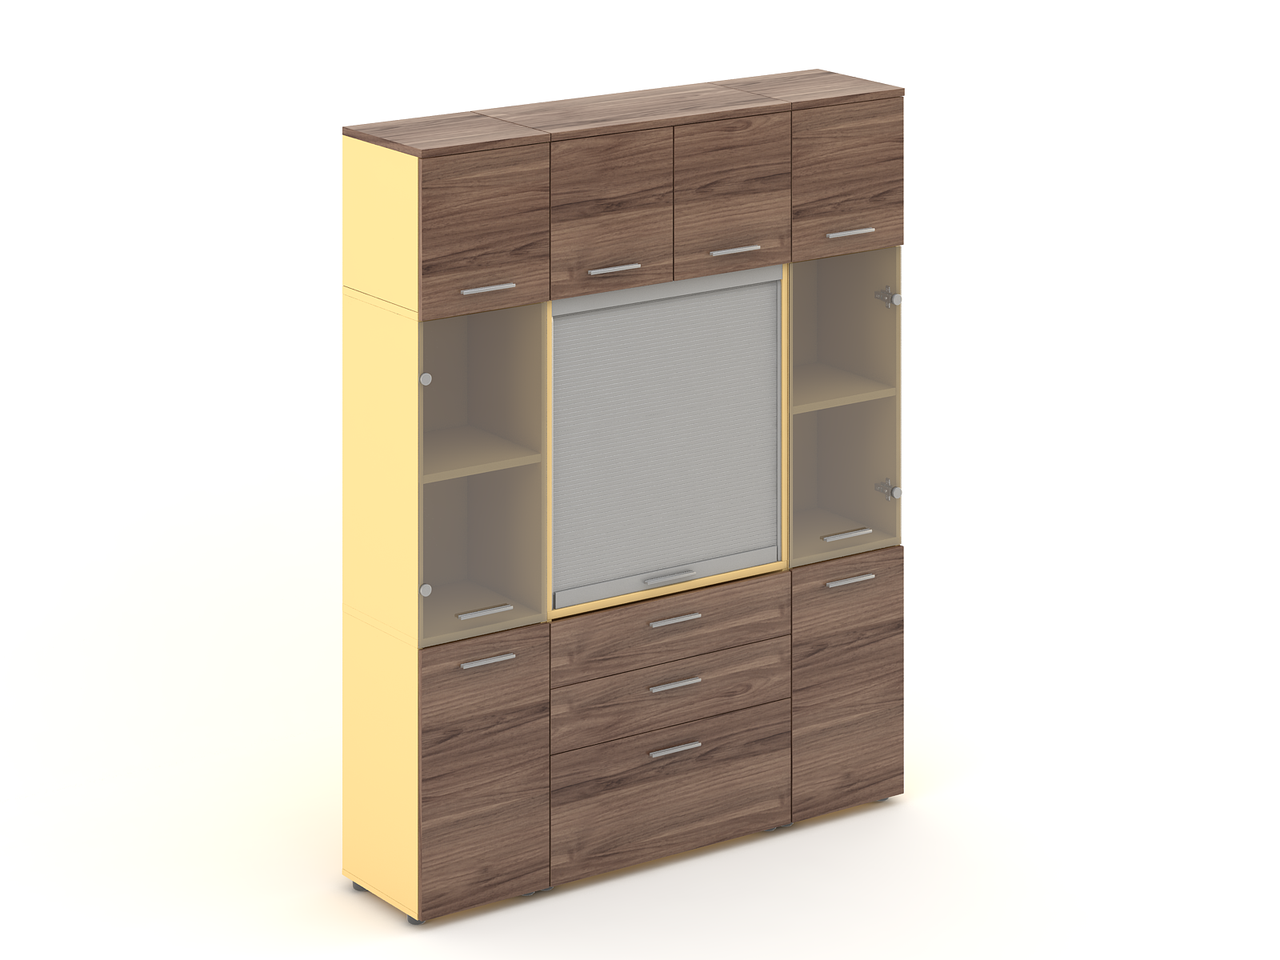 Комплект мебели для персонала серии Прайм композиция №24 ТМ MConcept